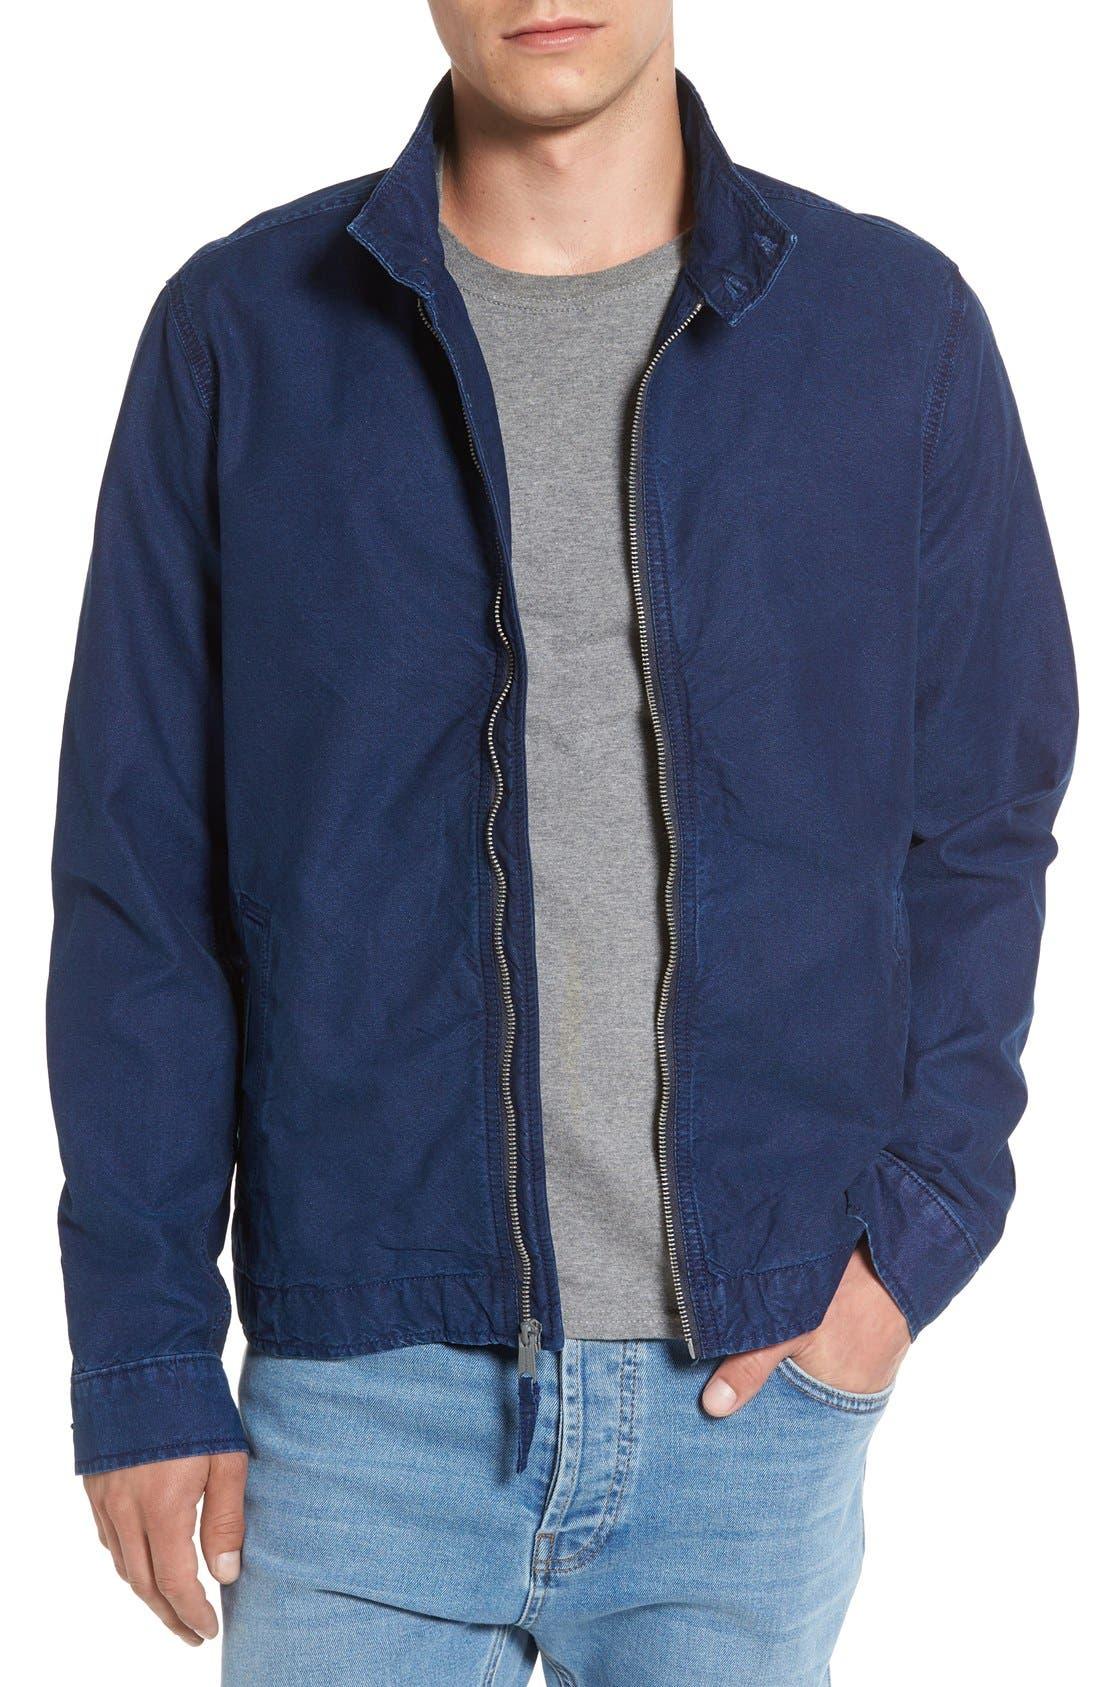 LUCKY BRAND Denim Harrington Jacket, Main, color, 410